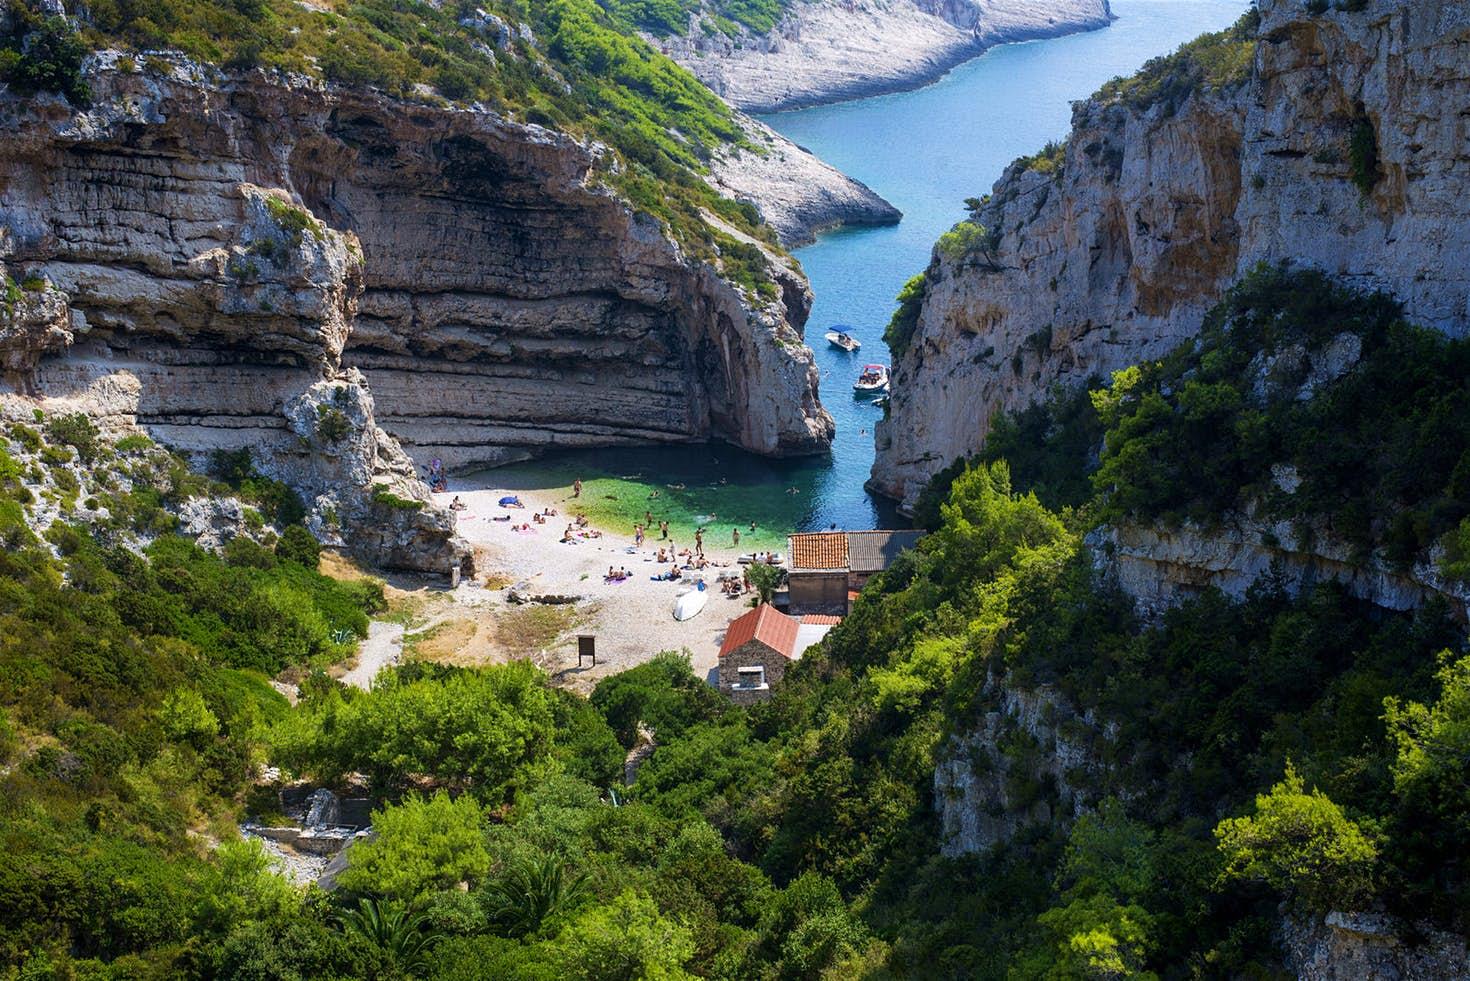 Barjoska Beach, Vis-sziget, Horvátország – Mamma Mia! Sose hagyjuk abba (2018)